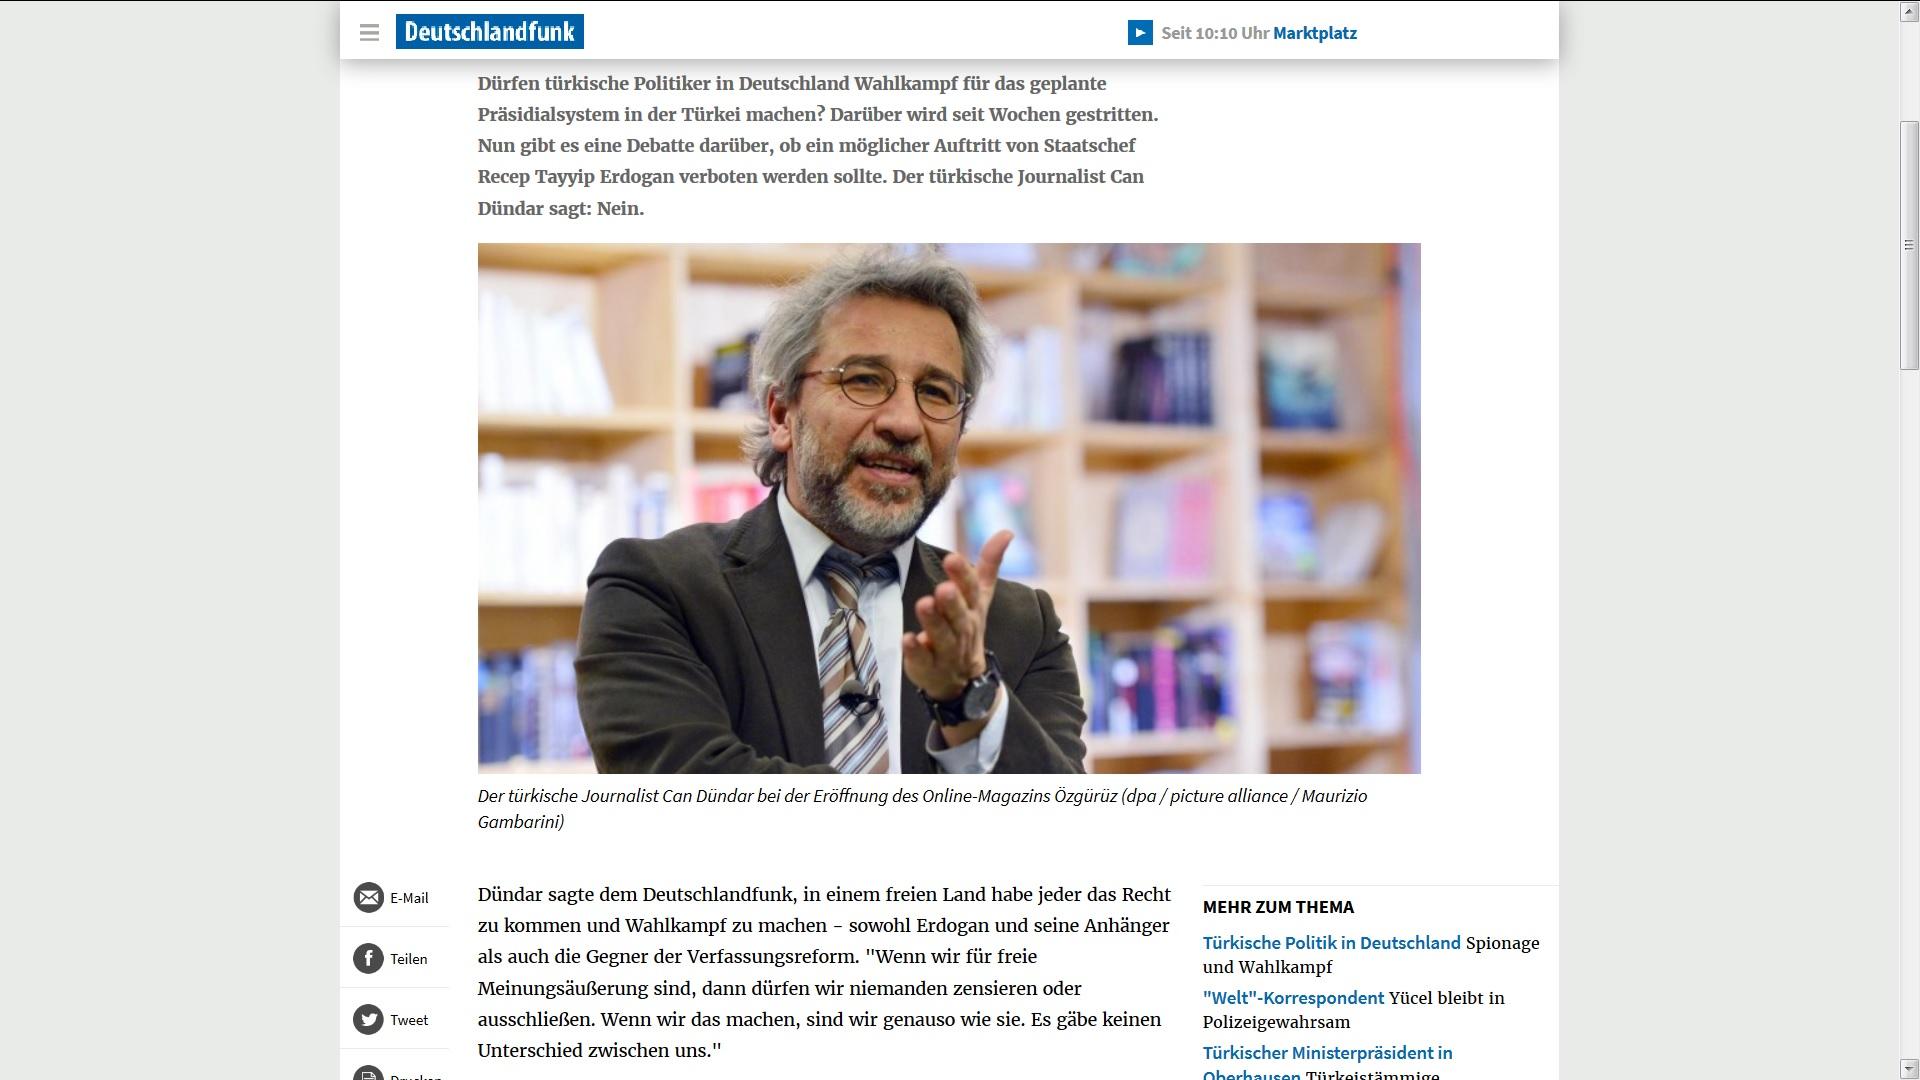 Quelle http://www.deutschlandfunk.de/tuerkischer-wahlkampf-erdogan-sollte-in-deutschland.1818.de.html?dram:article_id=379814